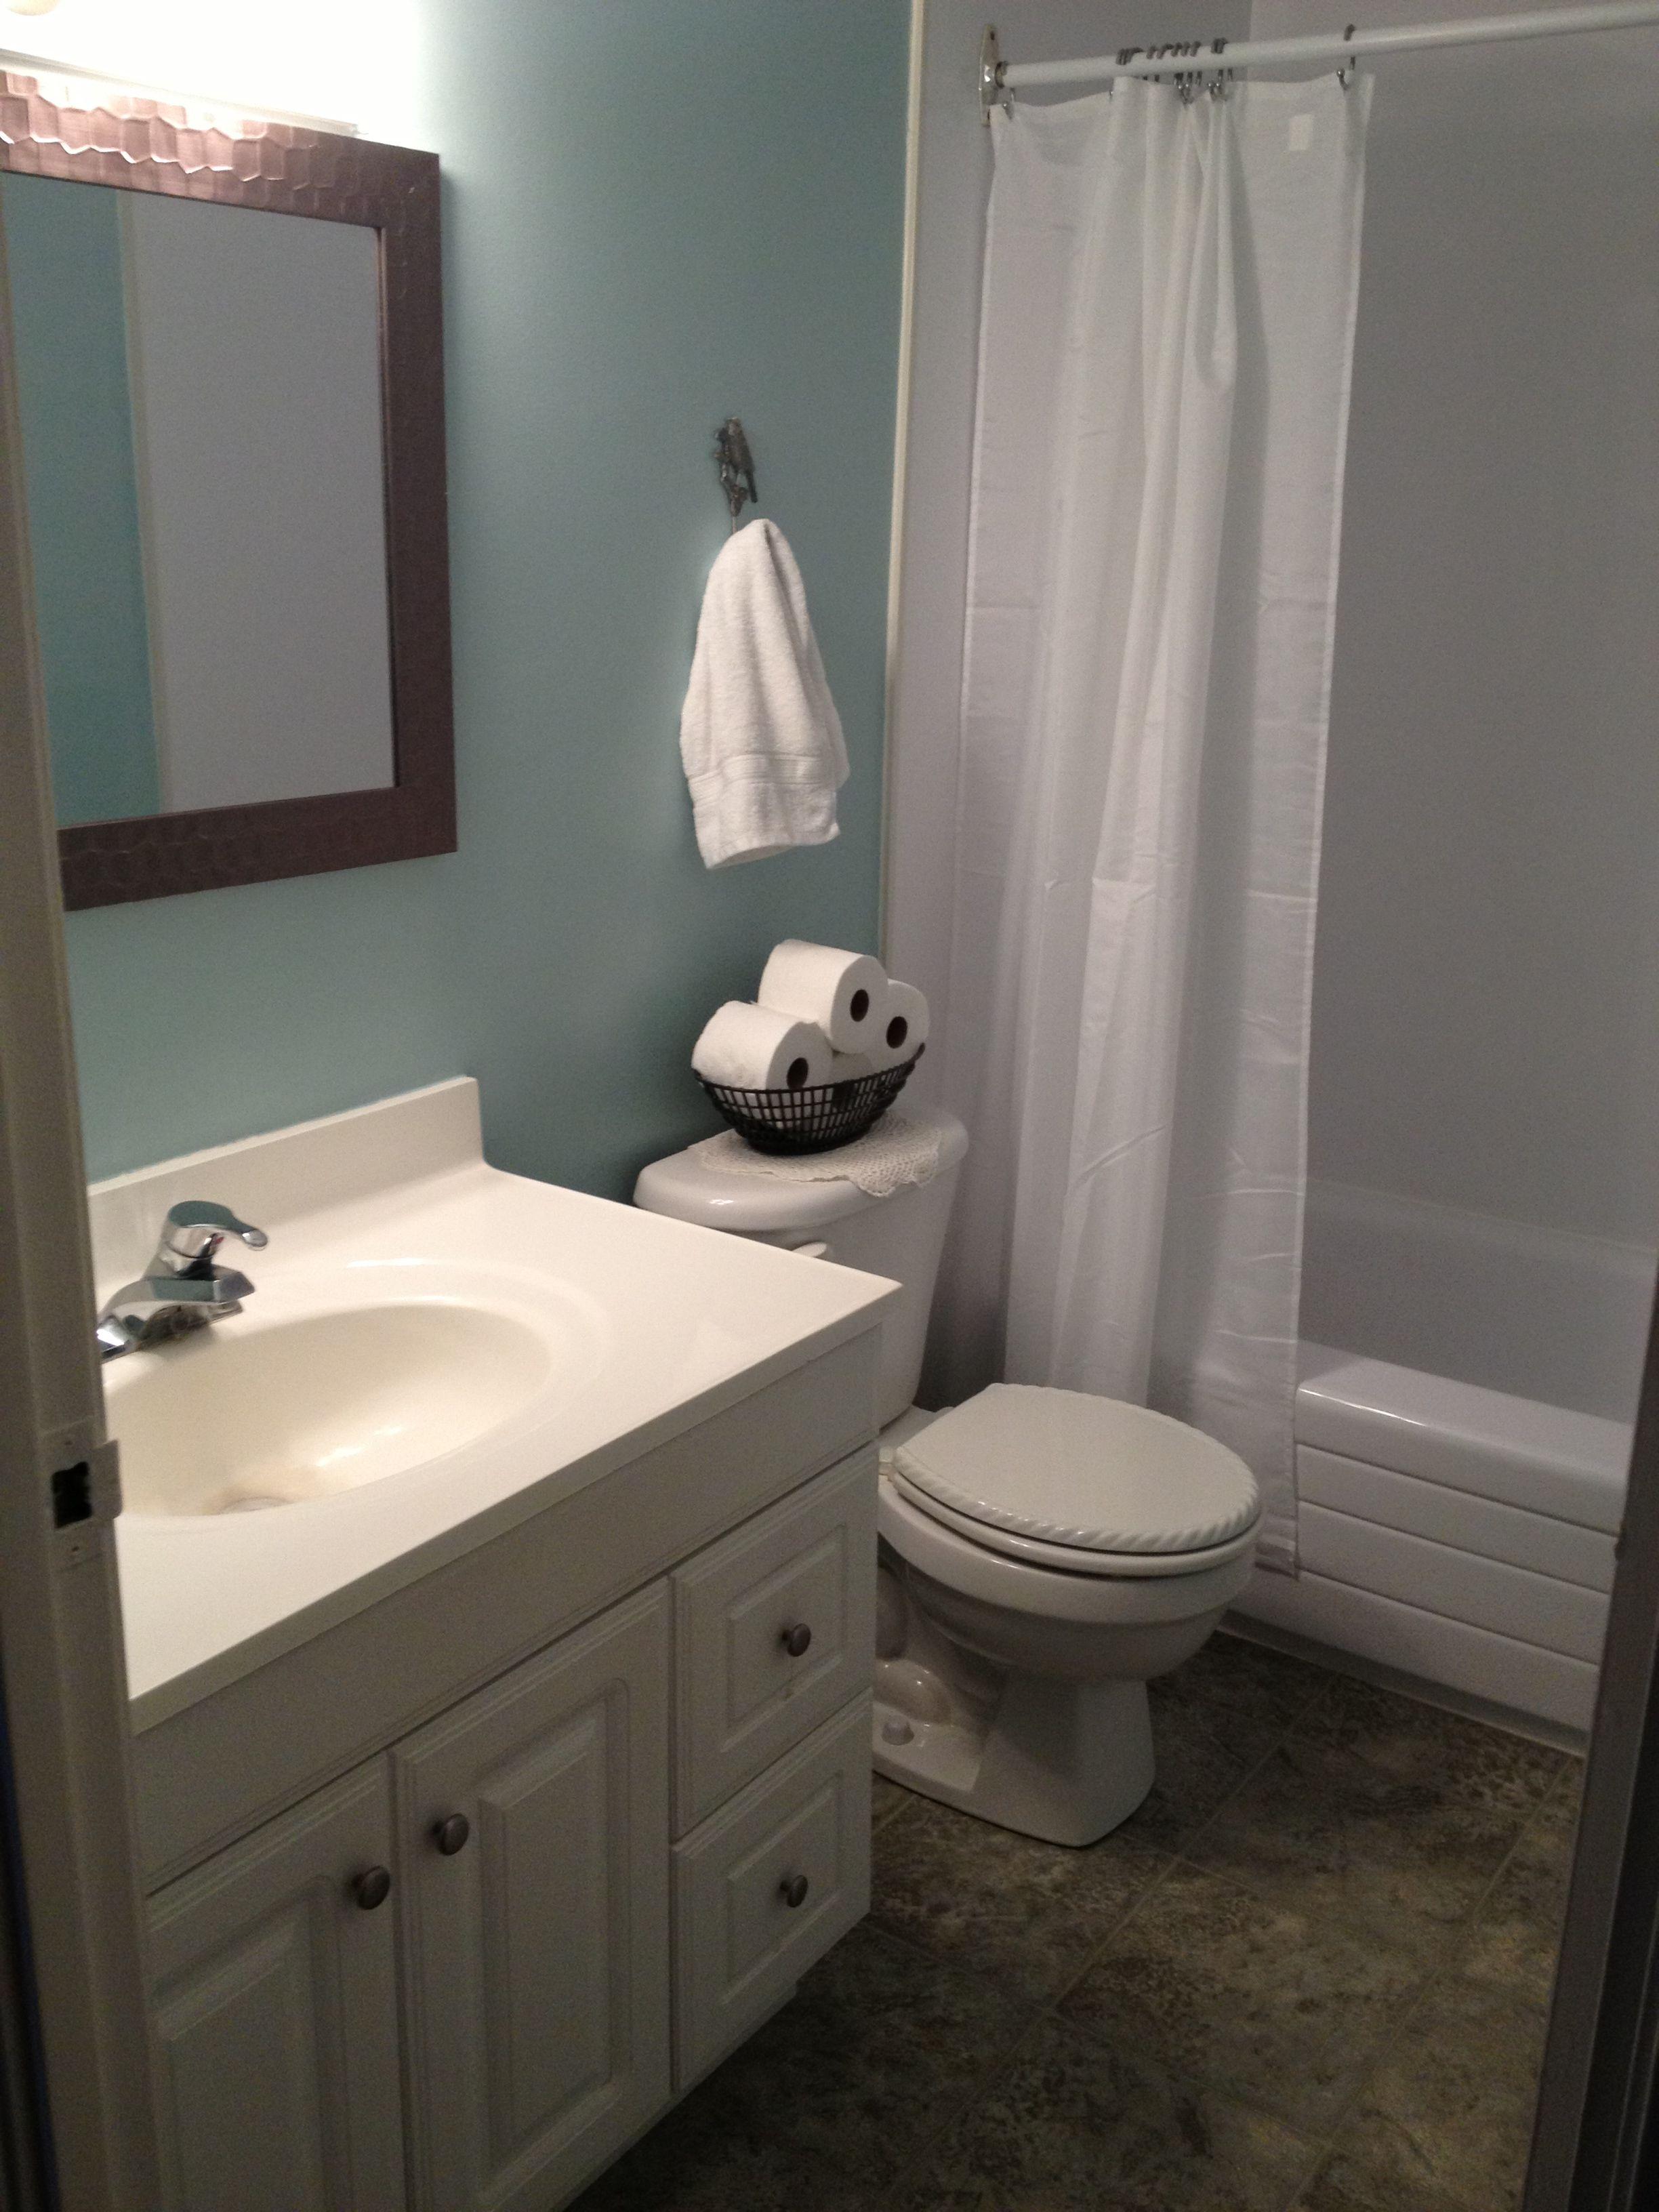 simple bathroom renovation simple bathroom renovation on bathroom renovation ideas id=74776